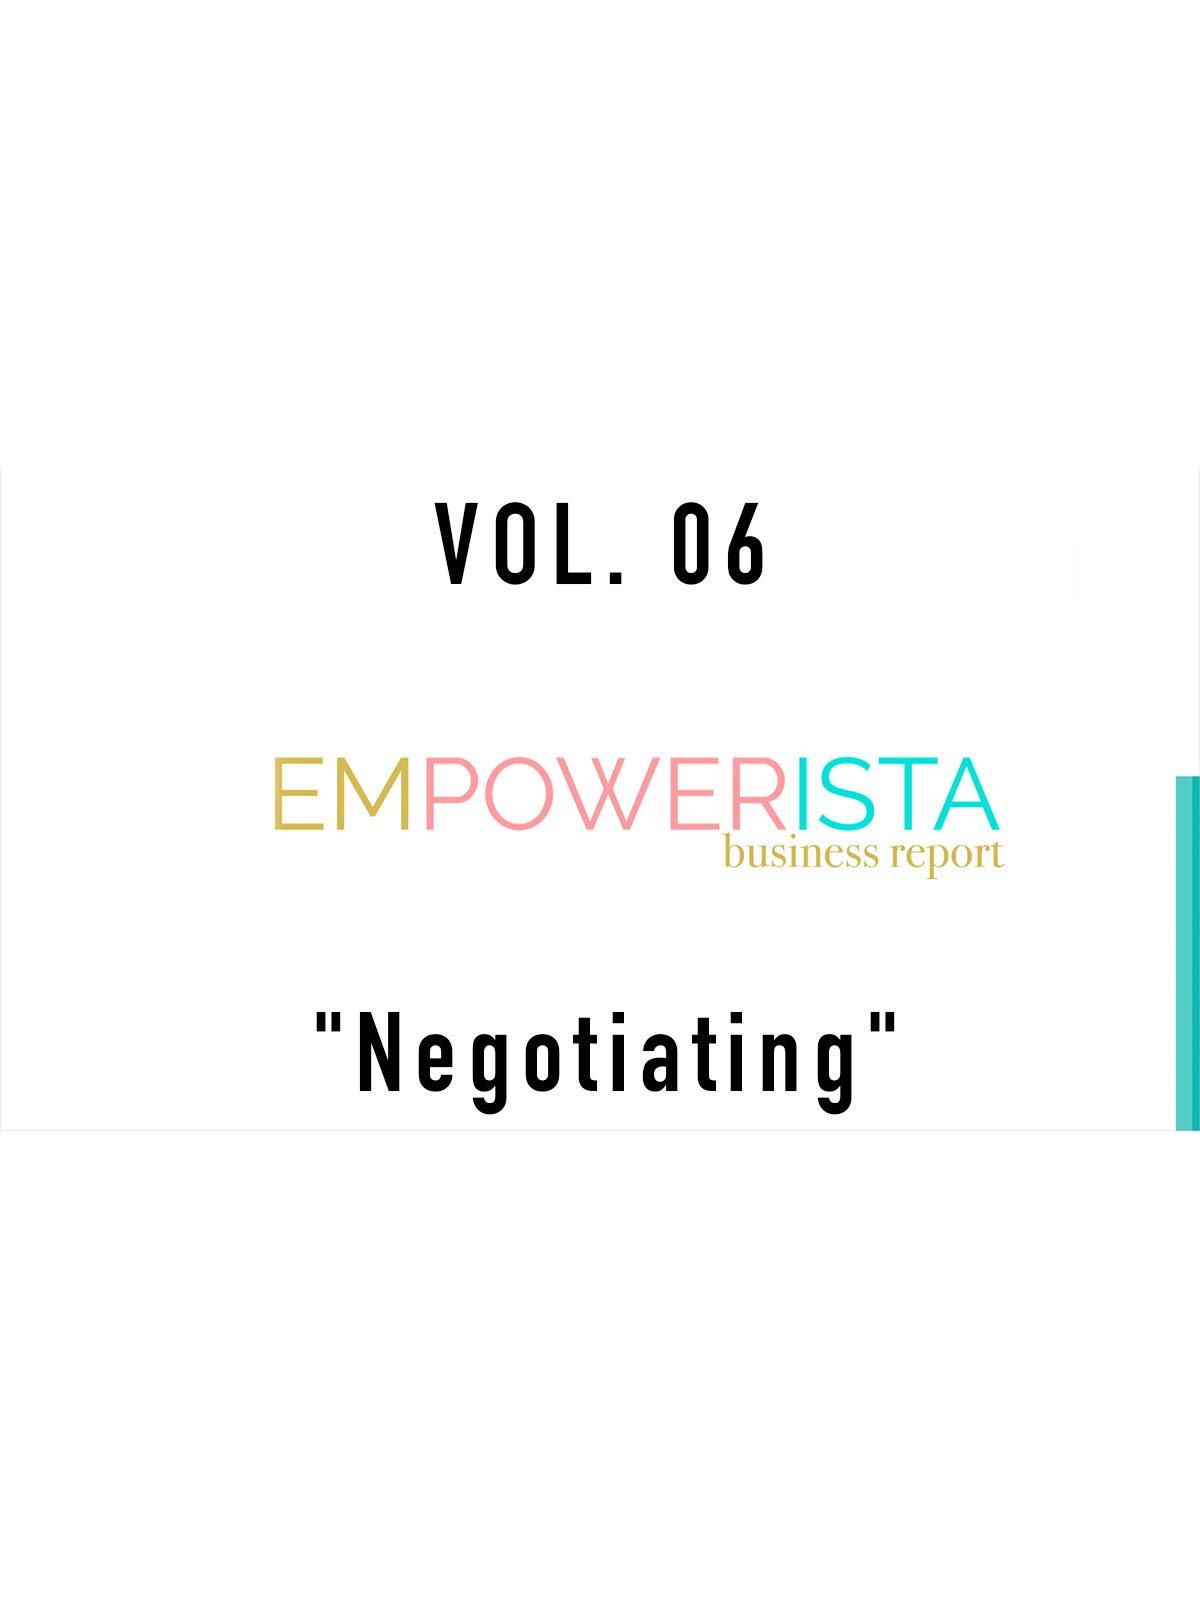 Empowerista Vol. 06